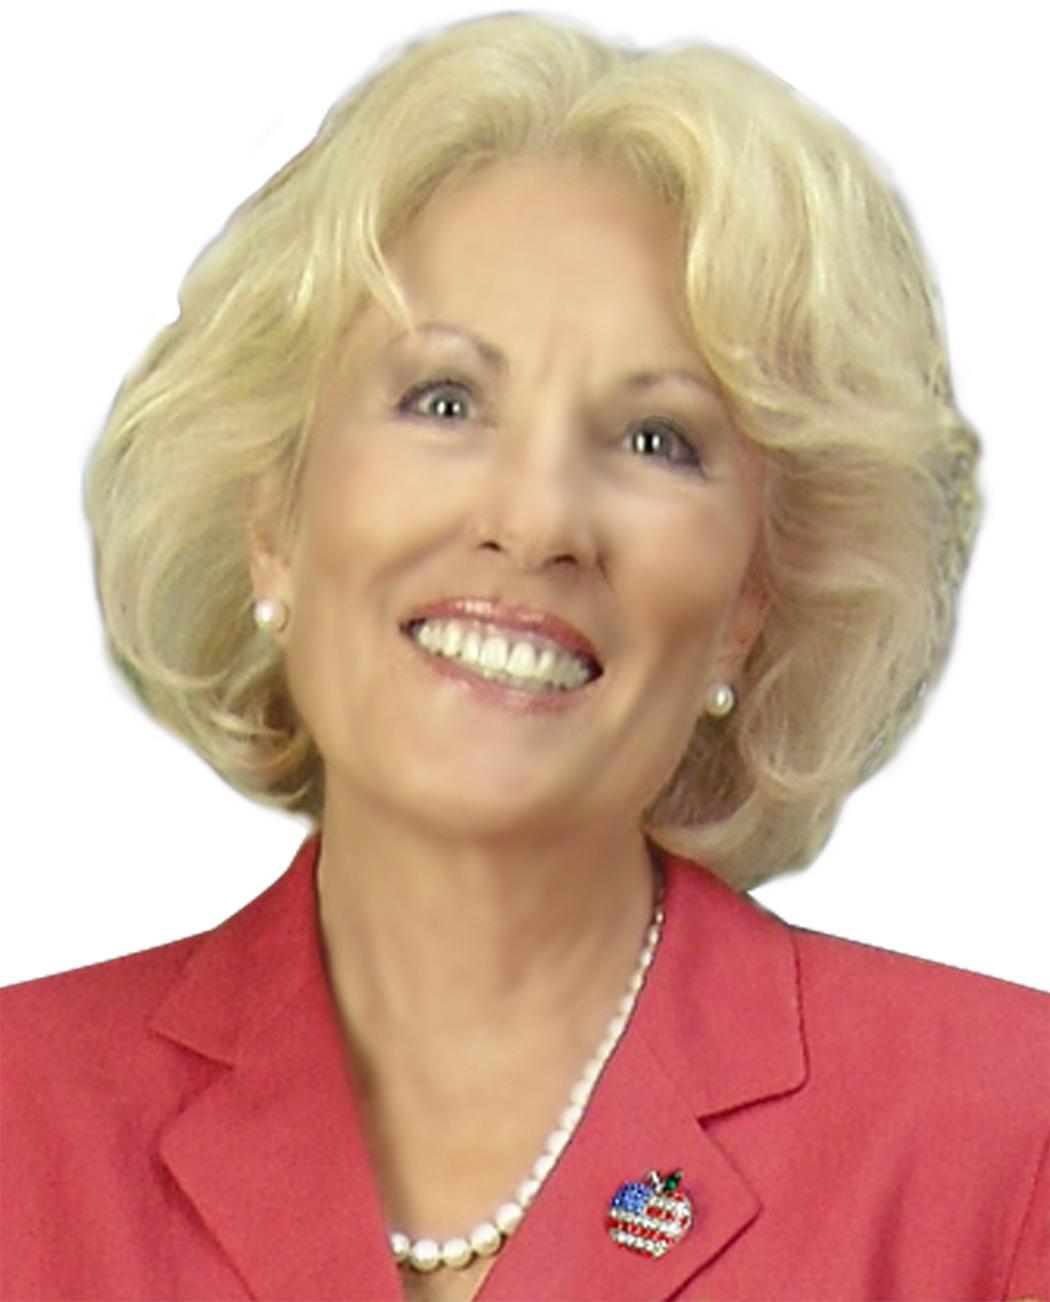 Dolly-Headshot.jpg